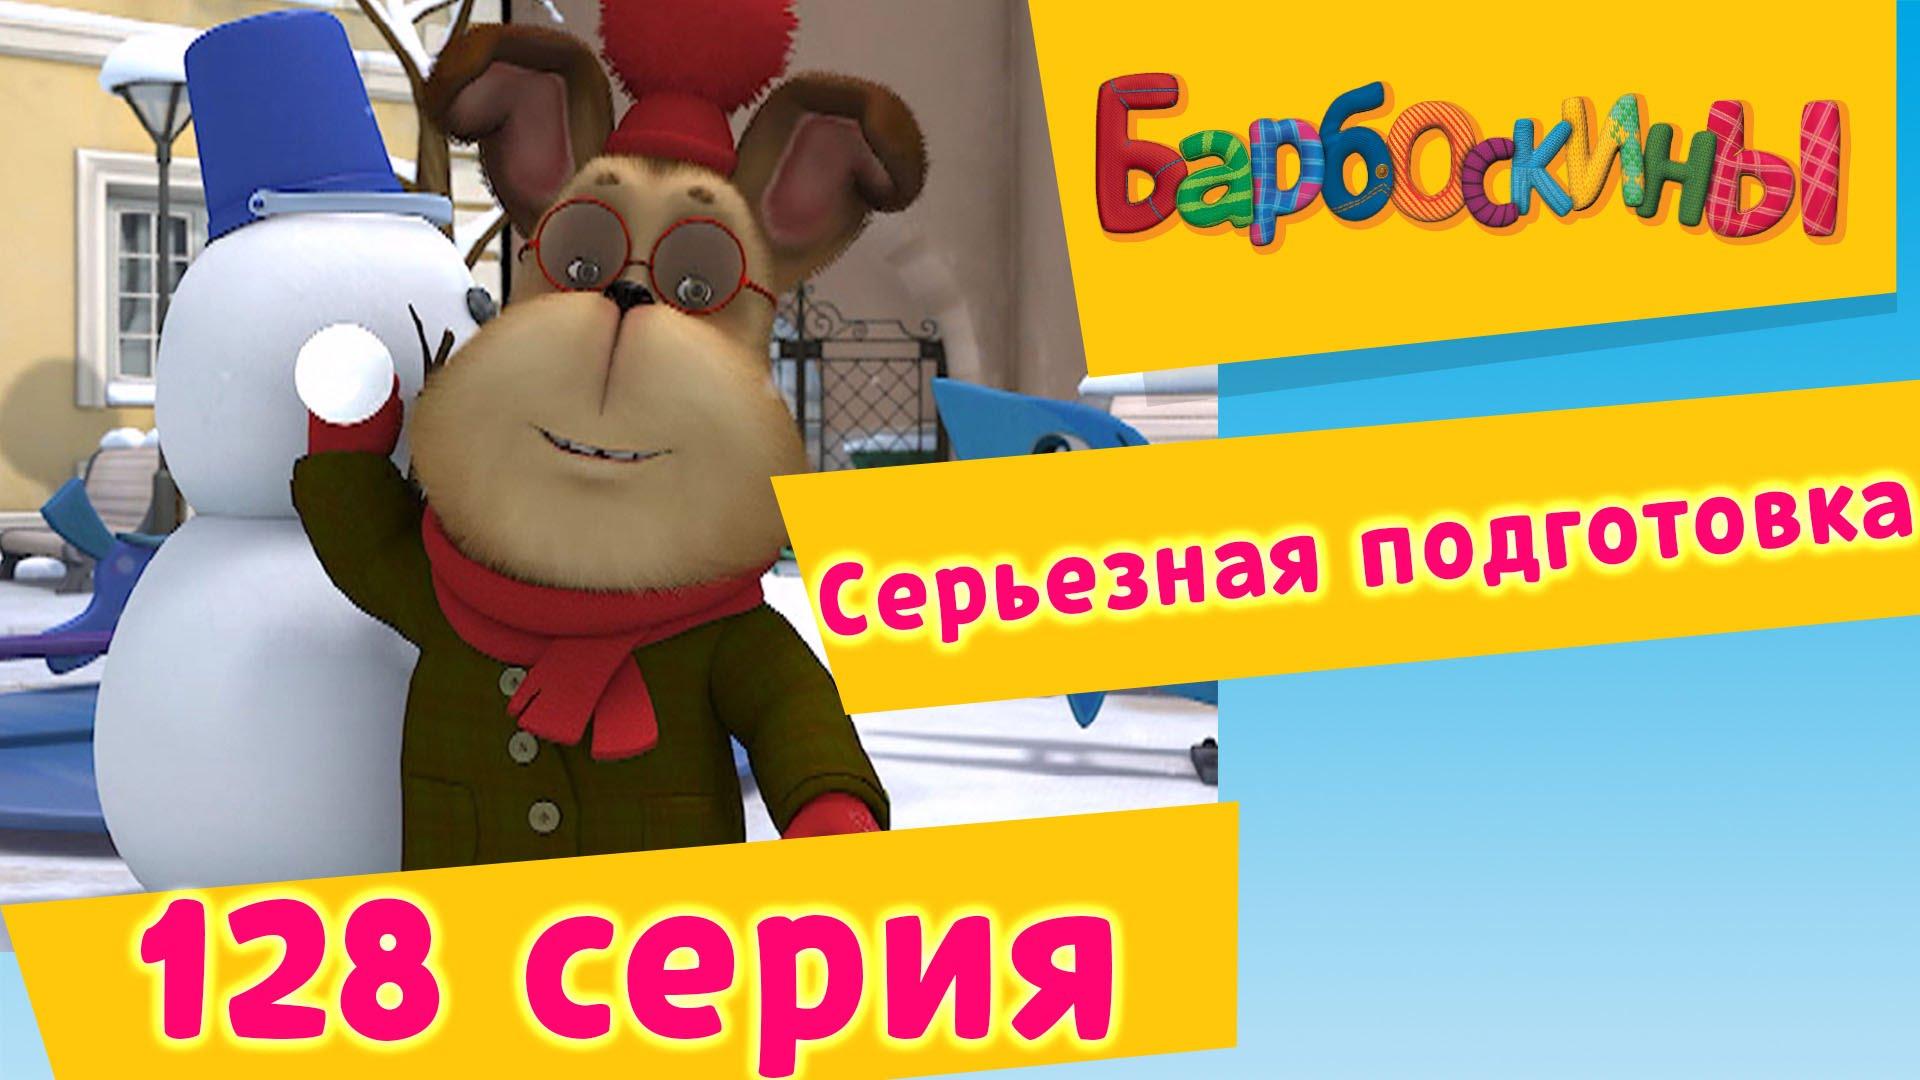 Барбоскины — 128 серия. Серьезная подготовка